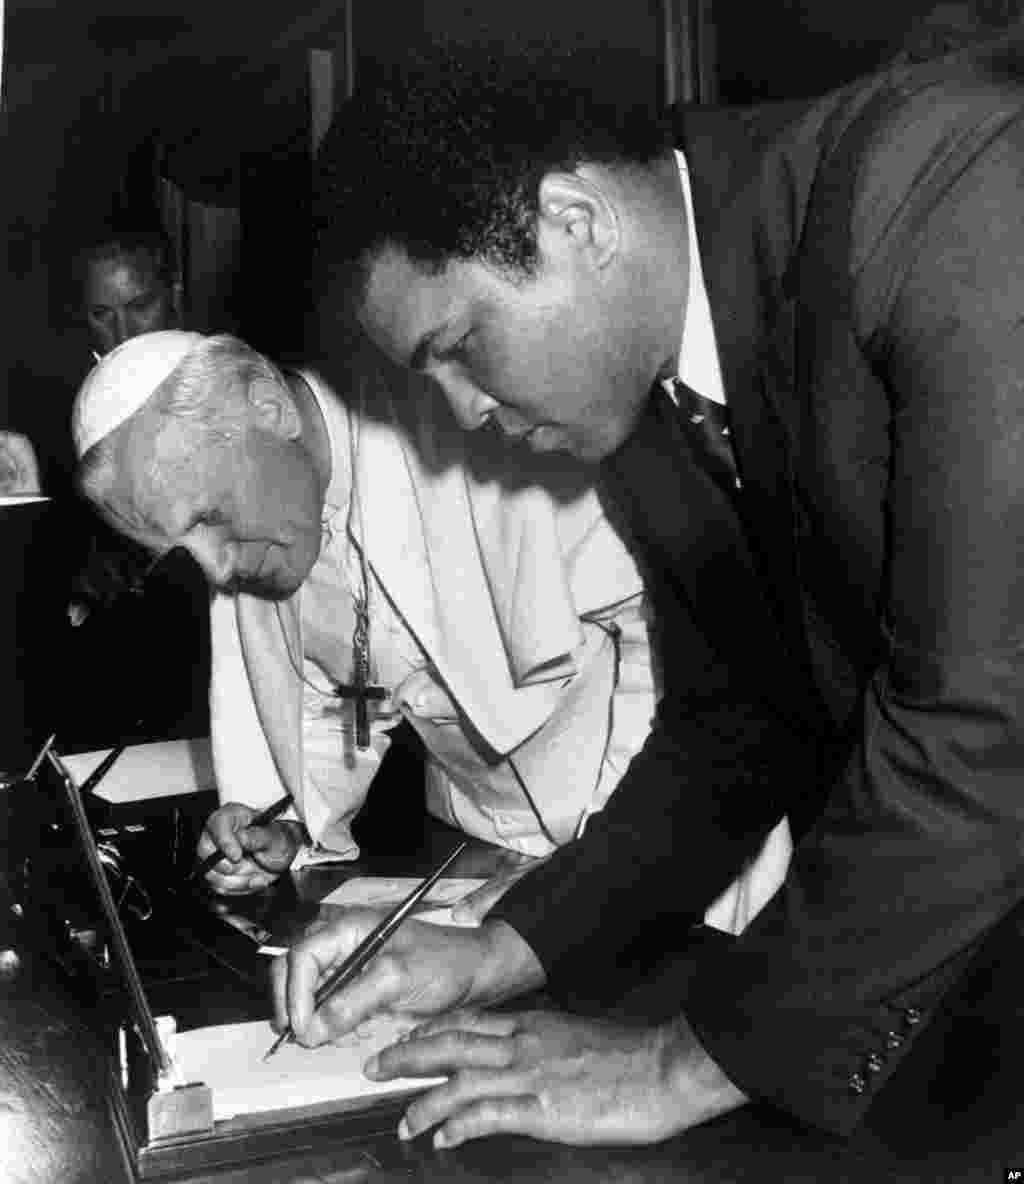 محمد علی و پاپ جان پل دوم در ۱۹۸۲ در وایتکان.